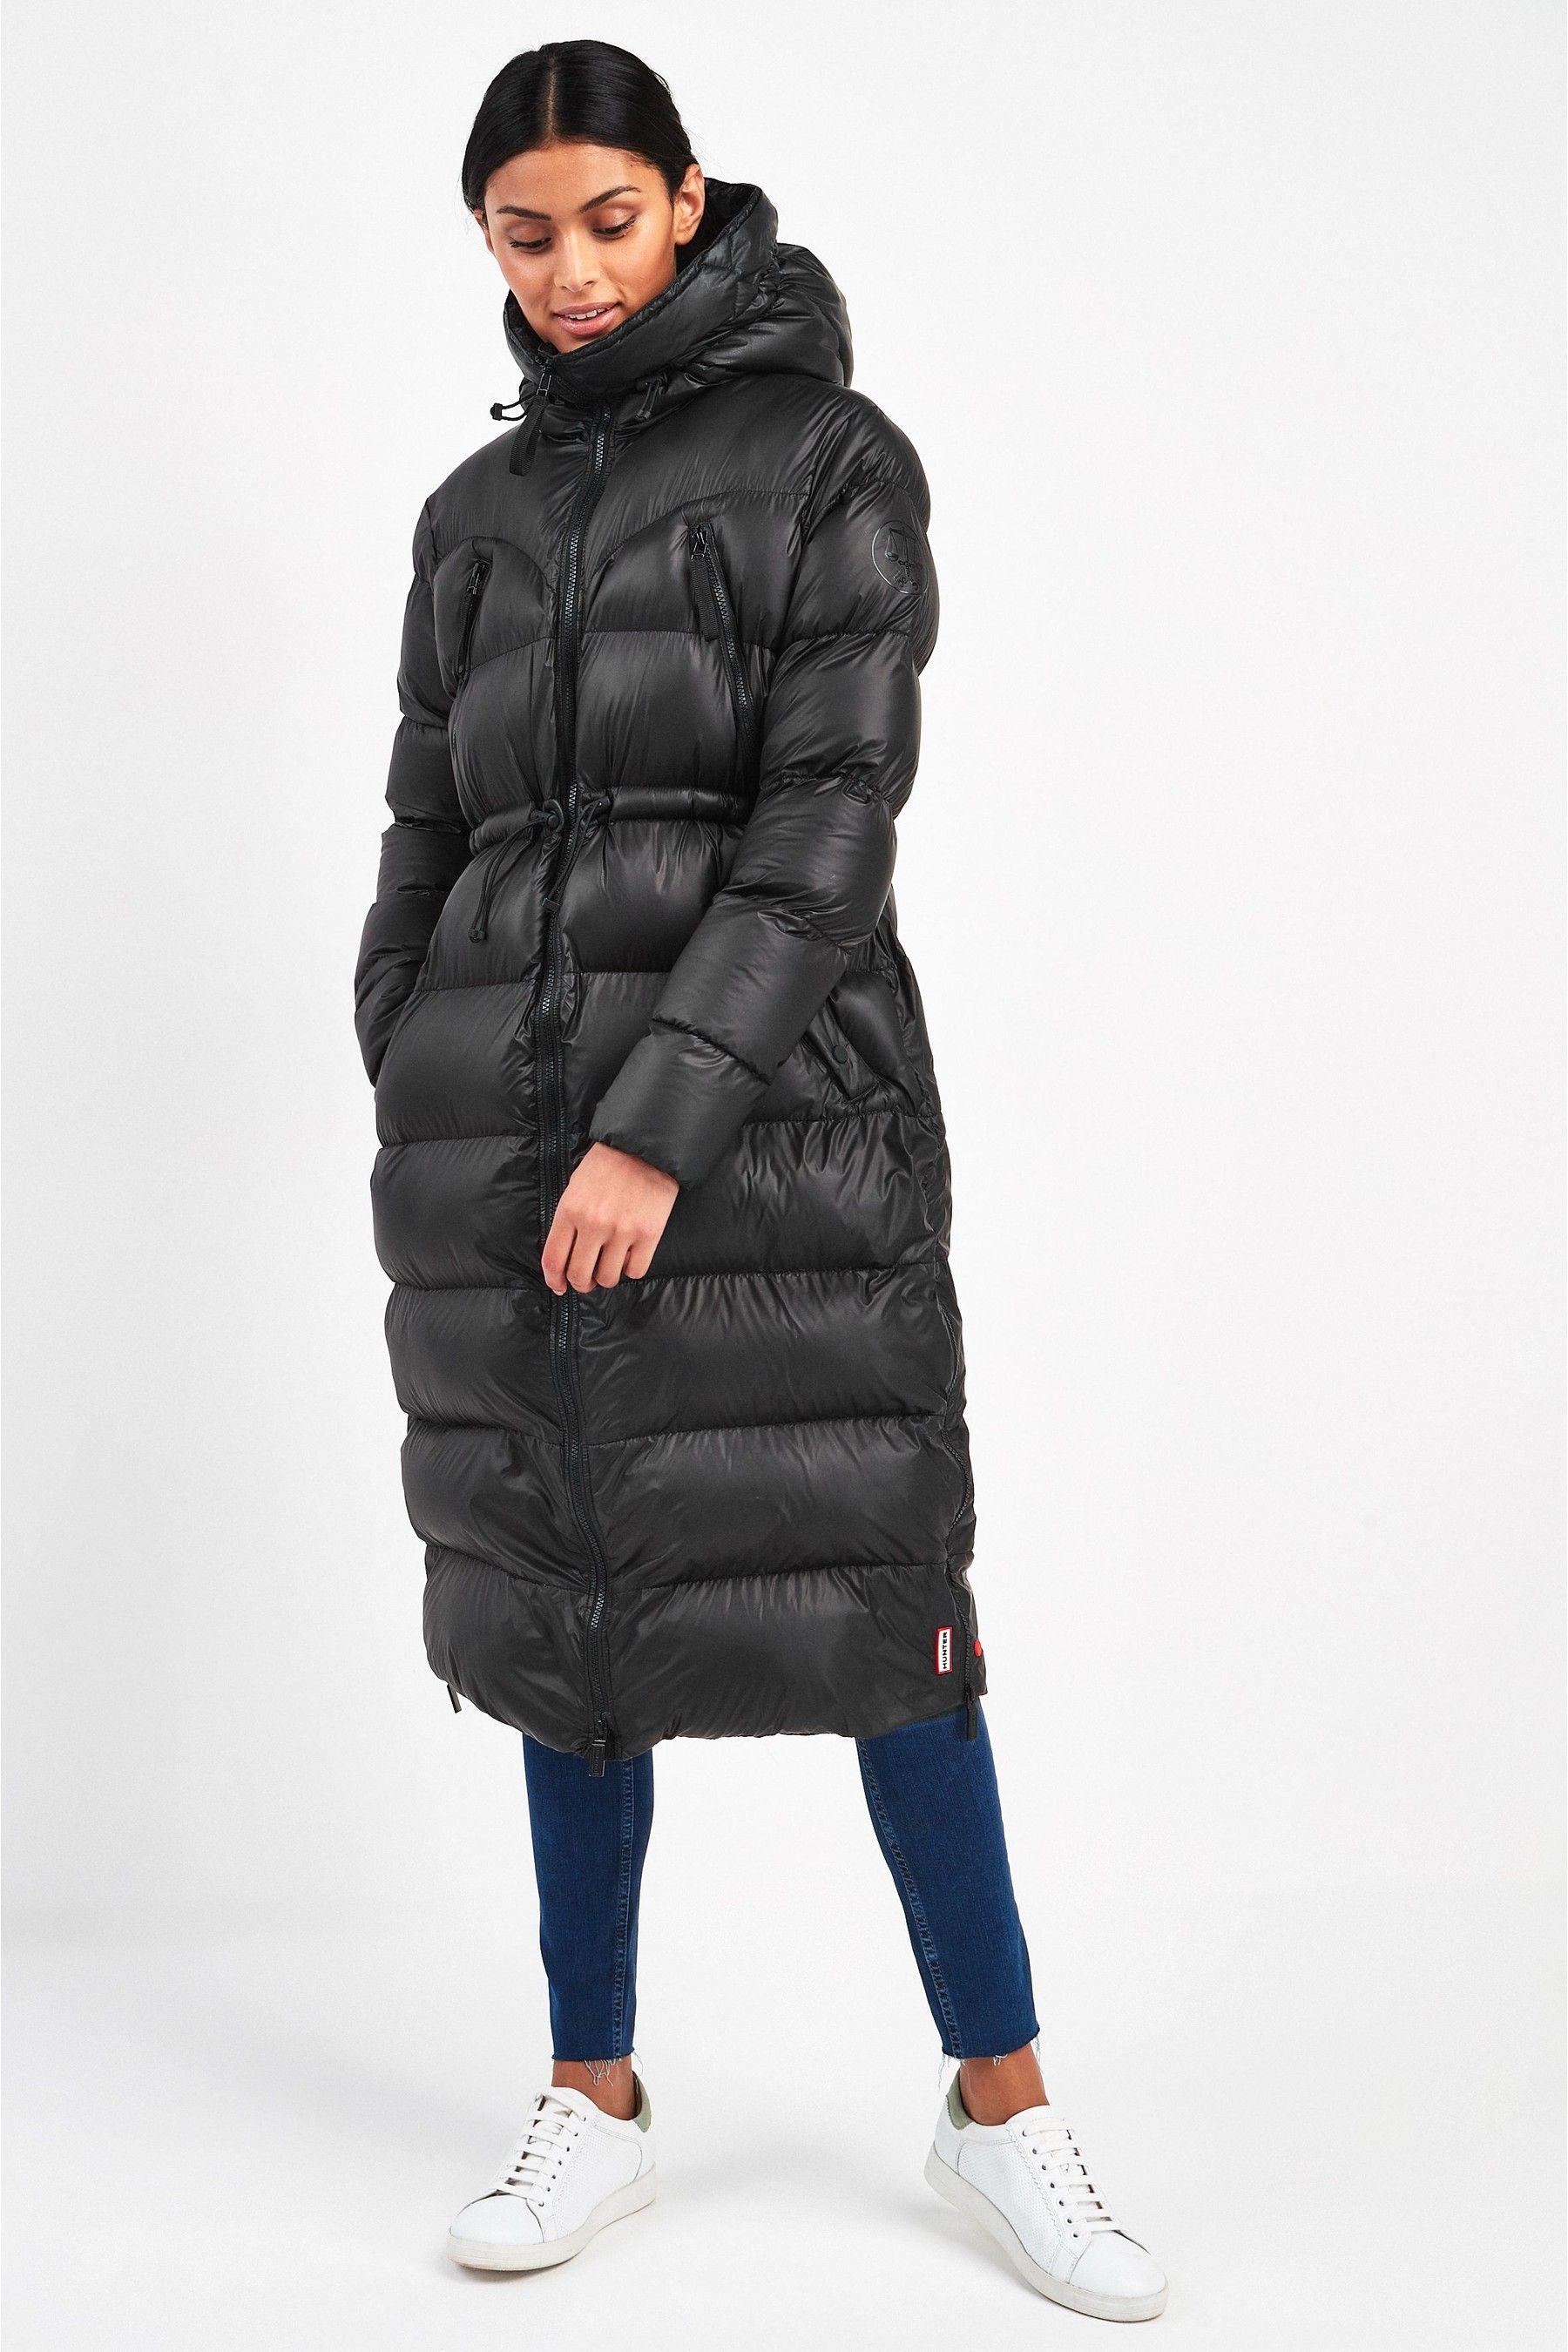 Pin By Barbara Littler On Moda Damska In 2021 Puffer Jacket Women Padded Coat Women Hunters [ 2700 x 1800 Pixel ]